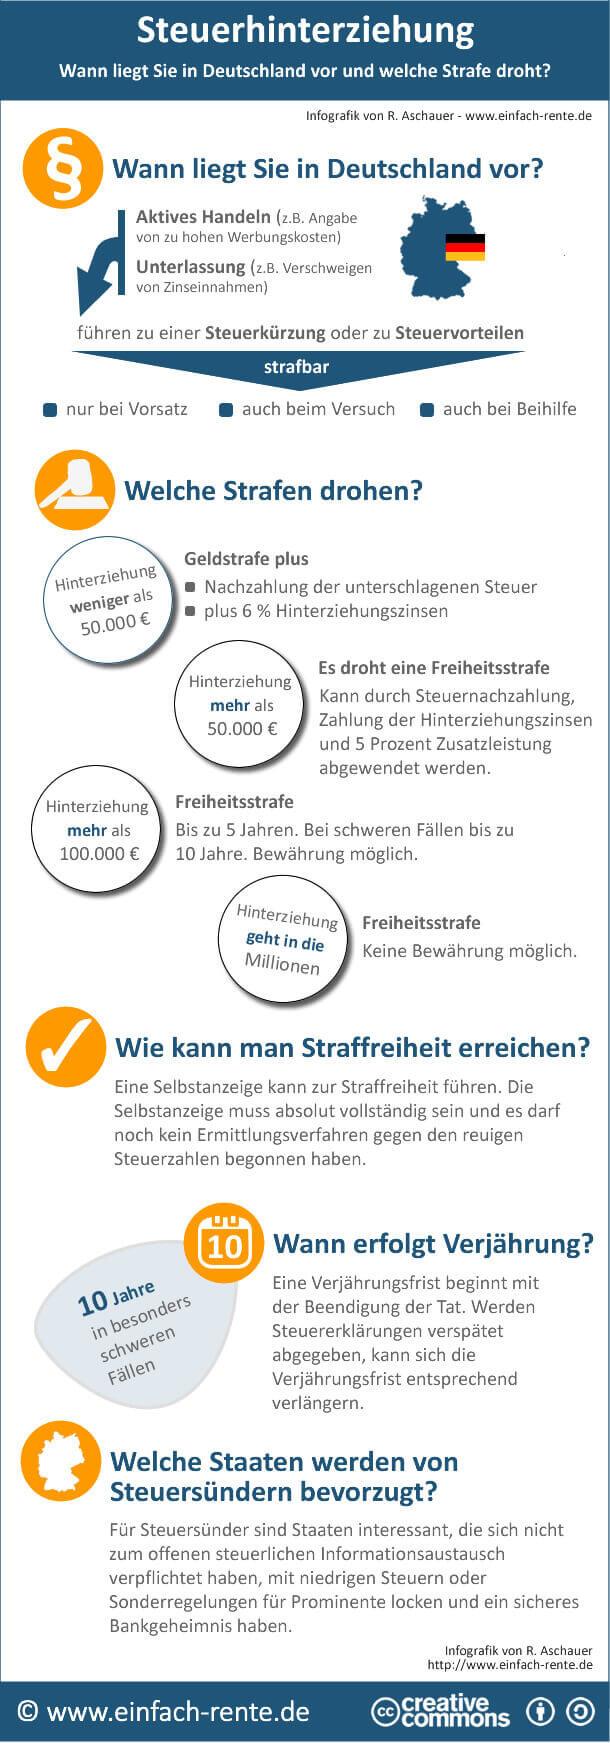 Quelle: https://www.einfach-rente.de/steuerhinterziehung